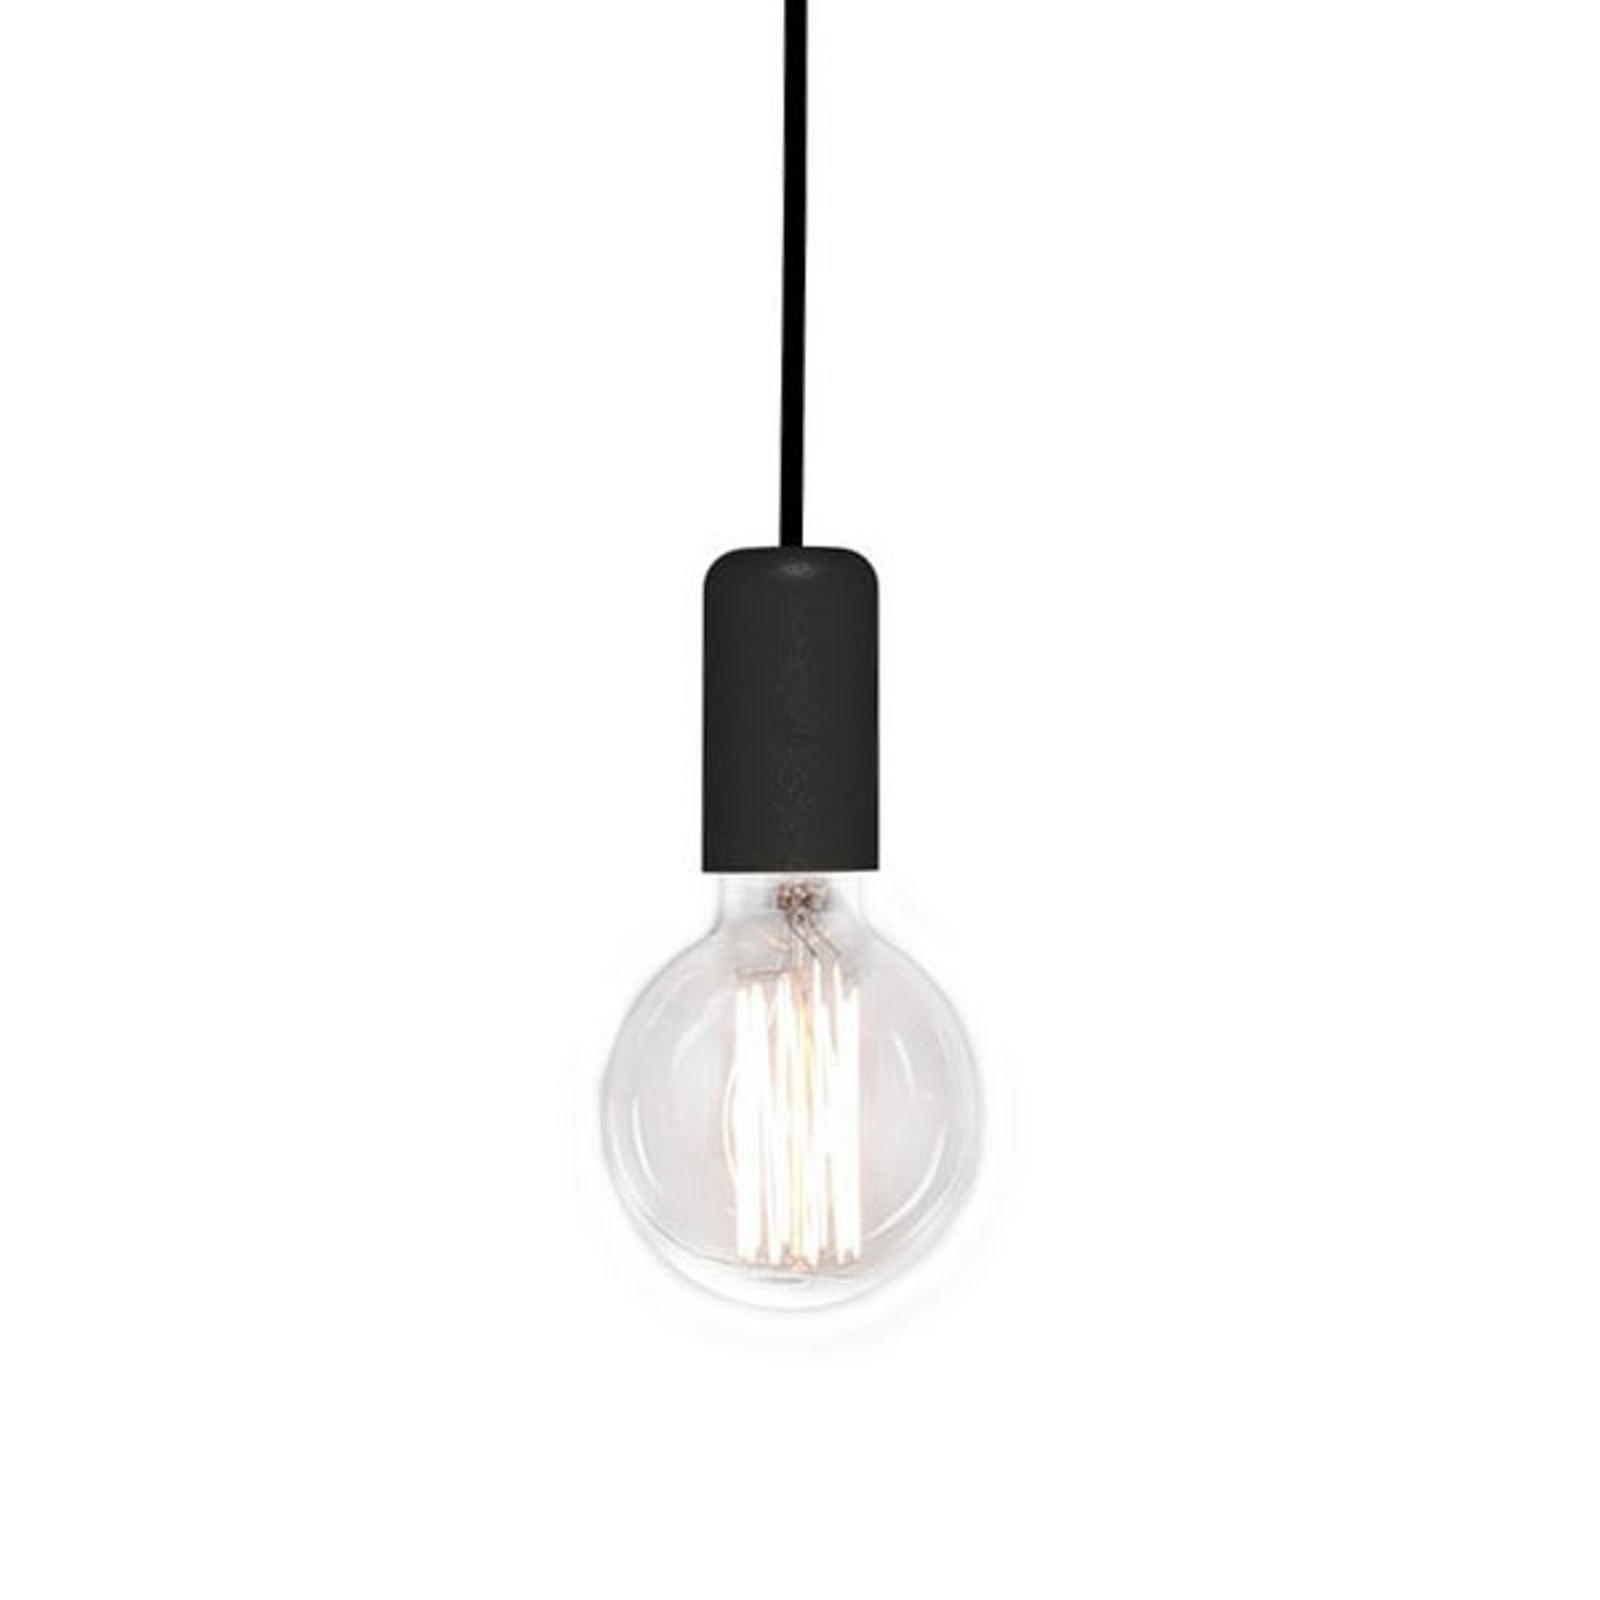 Spider hængelampe, sort, 1 lyskilde